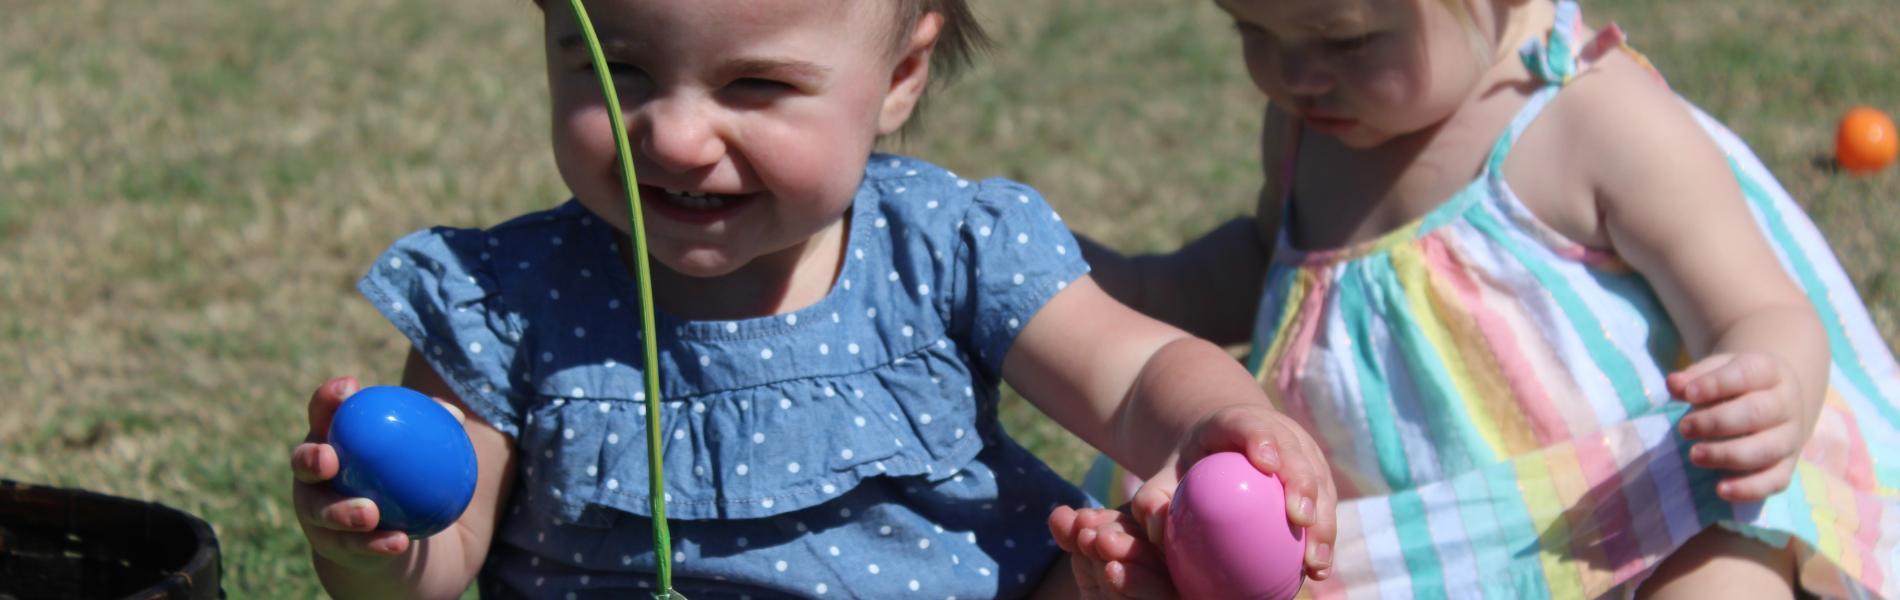 toddler egg hunt